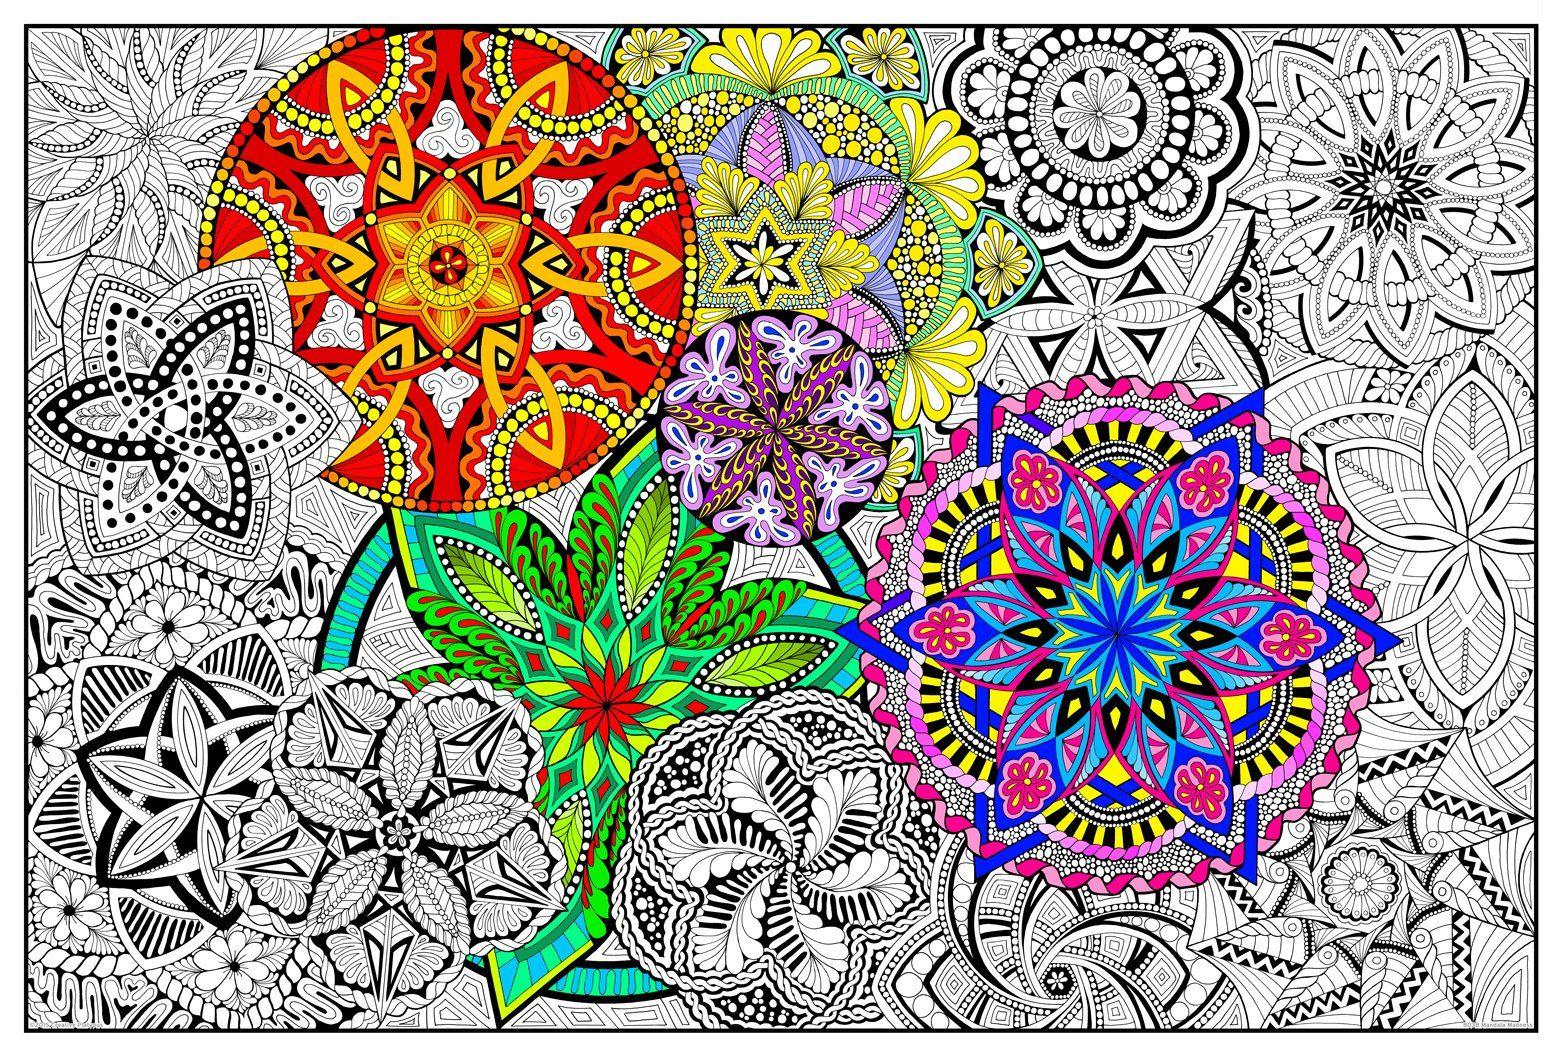 Robot Check Mandala Coloring Pages Coloring Posters Mandala Coloring